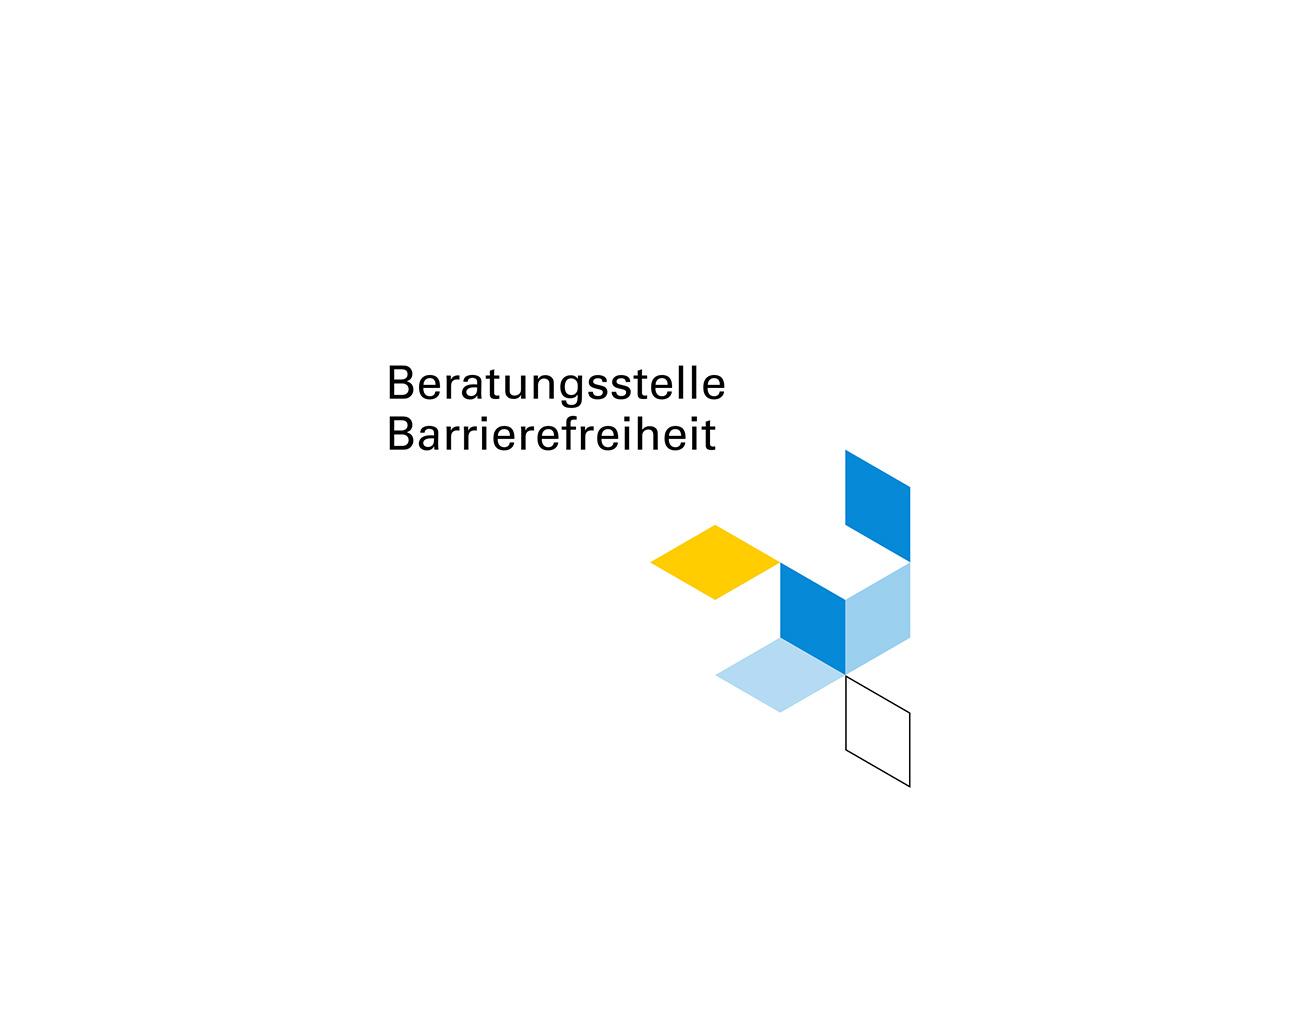 Logo Beratungsstelle Barrierefreiheit, Bayerischen Architektenkammer